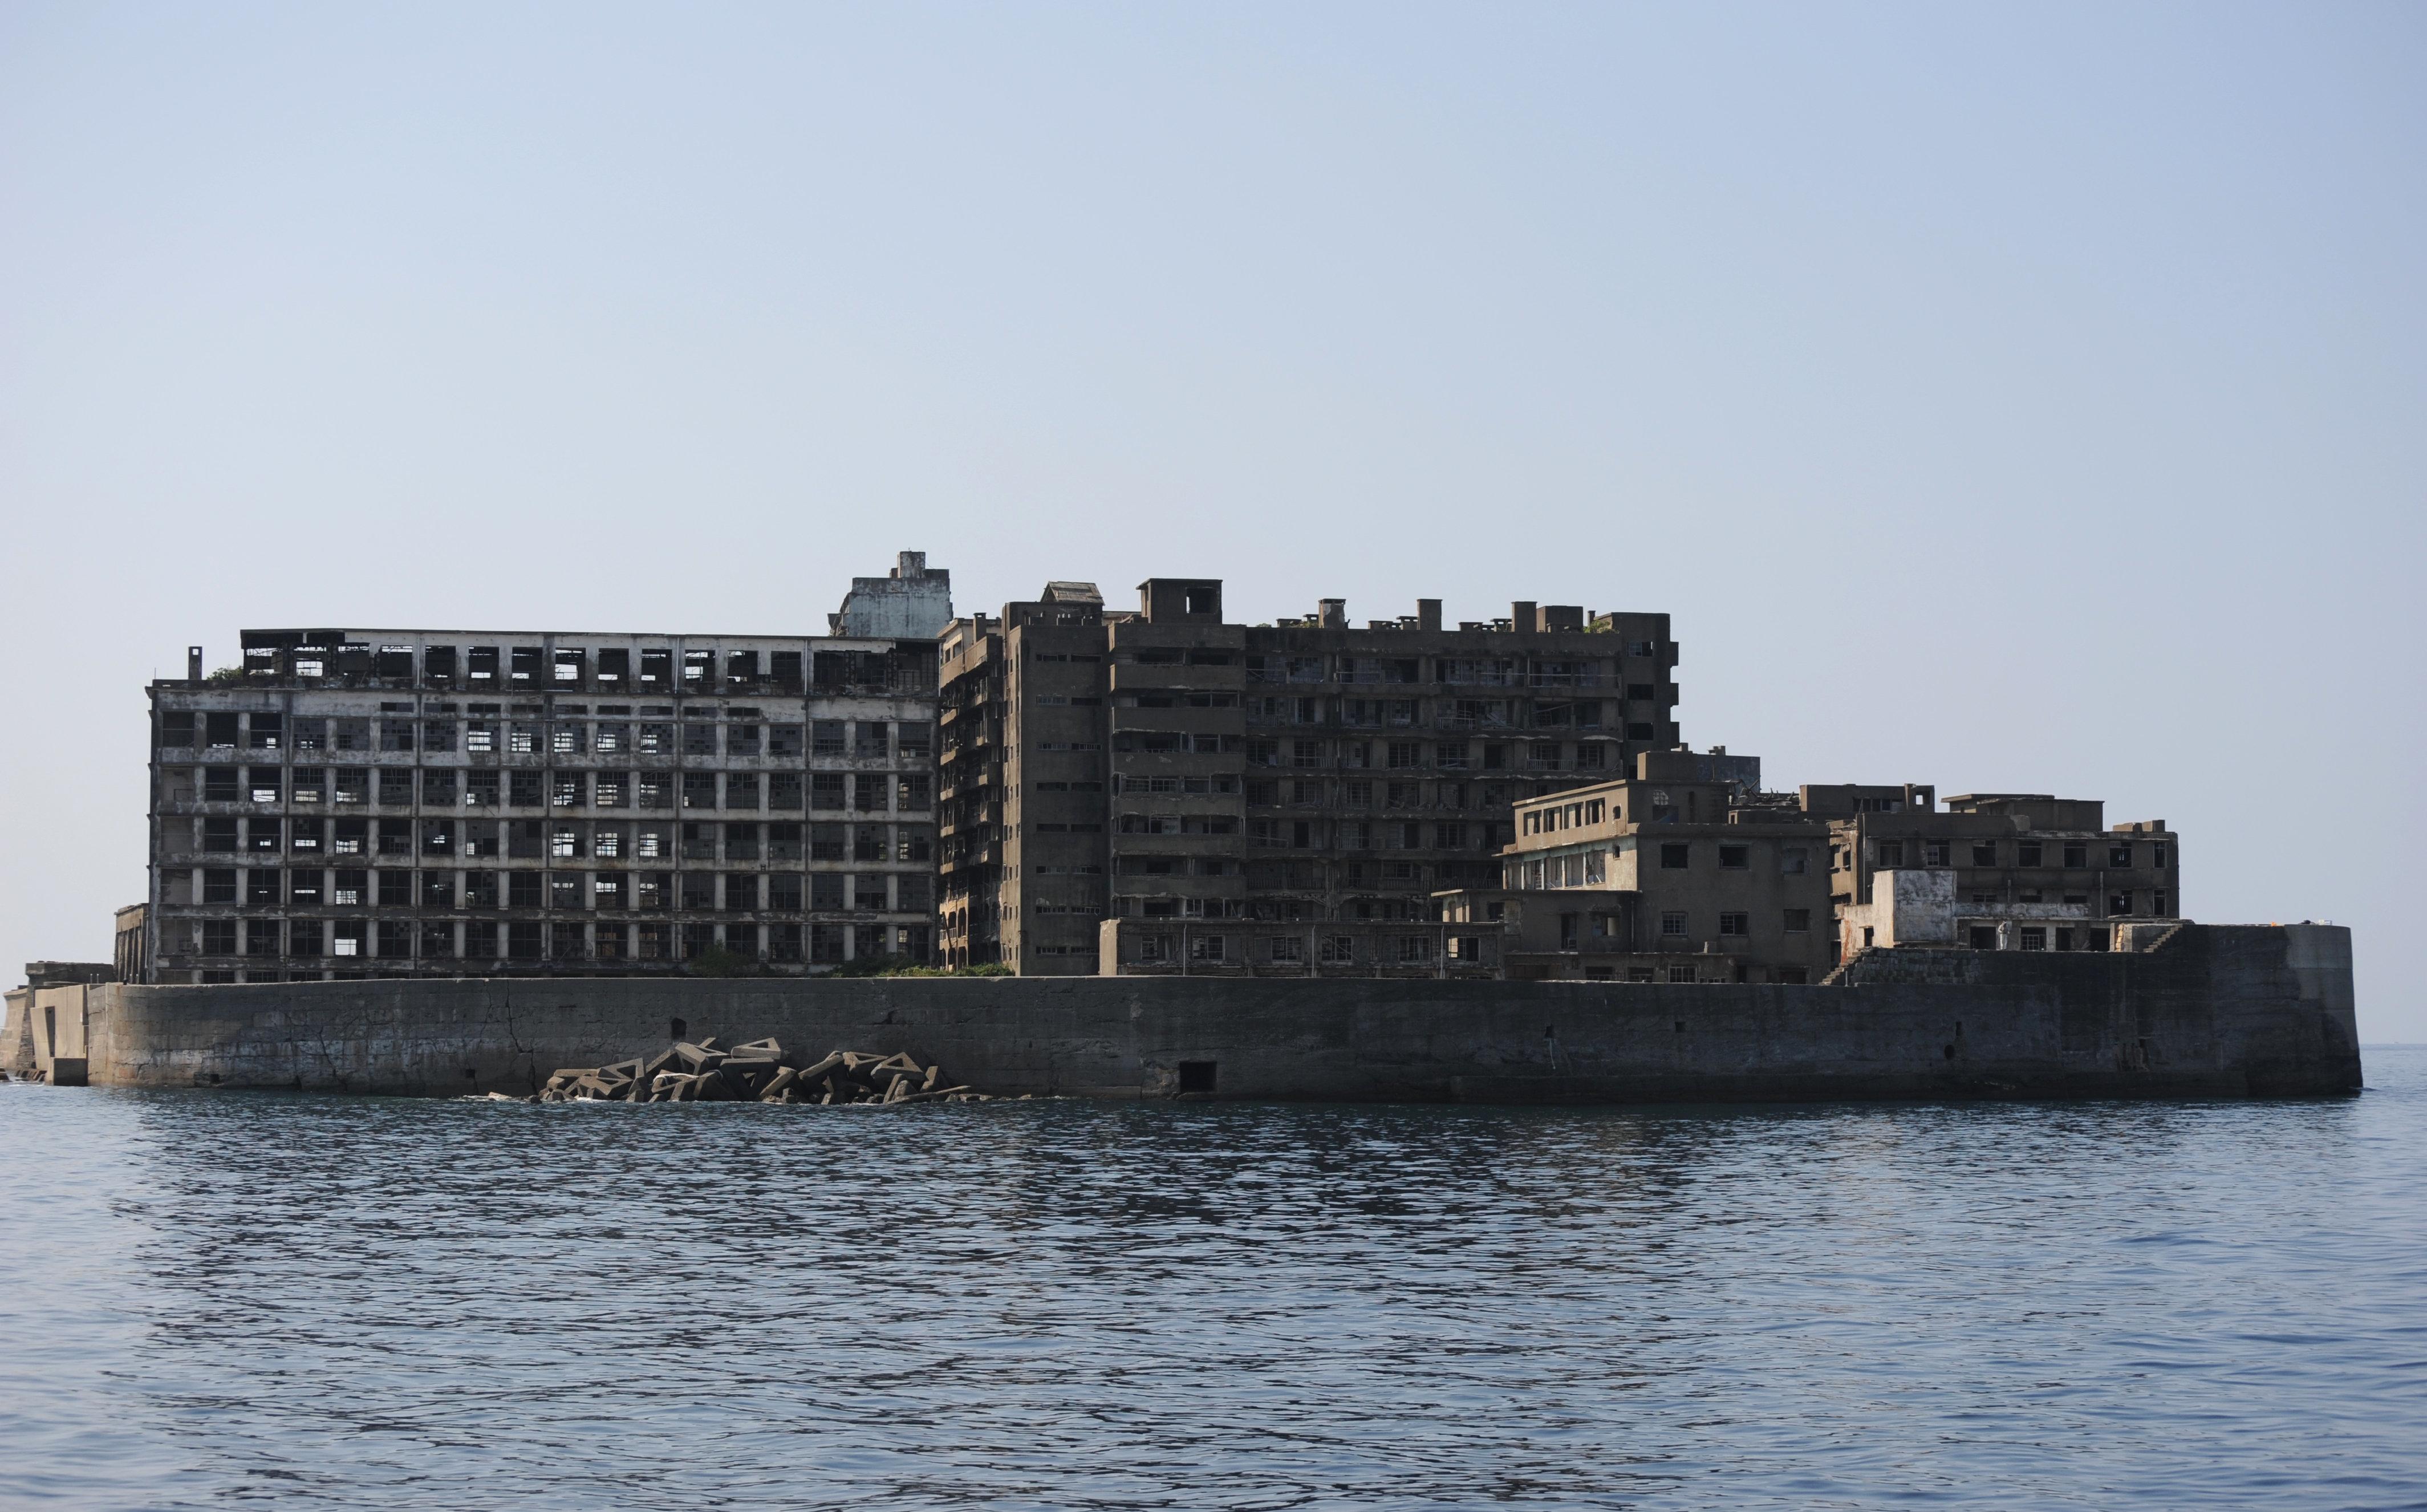 유네스코가 일본 '군함도' 조선인 강제노역 밝히라는 결정문을